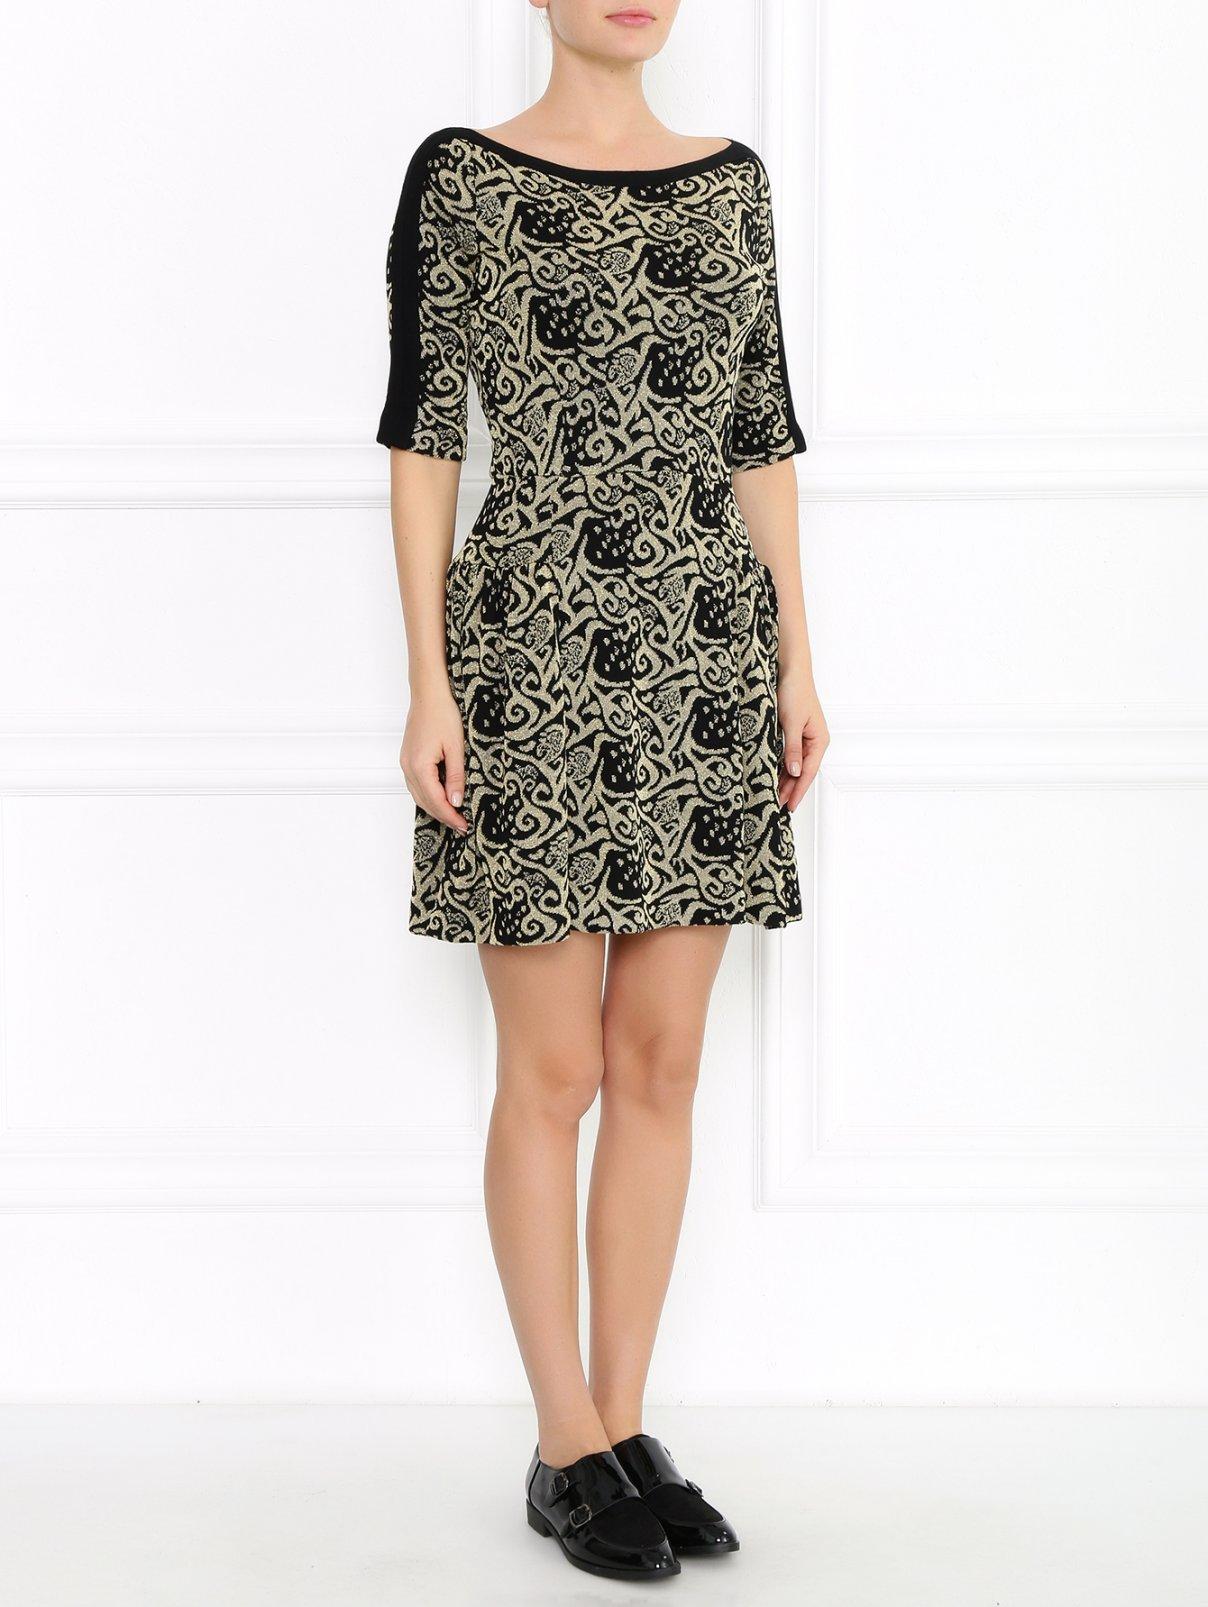 Платье из фактурной ткани с узором GIG Couture  –  Модель Общий вид  – Цвет:  Золотой